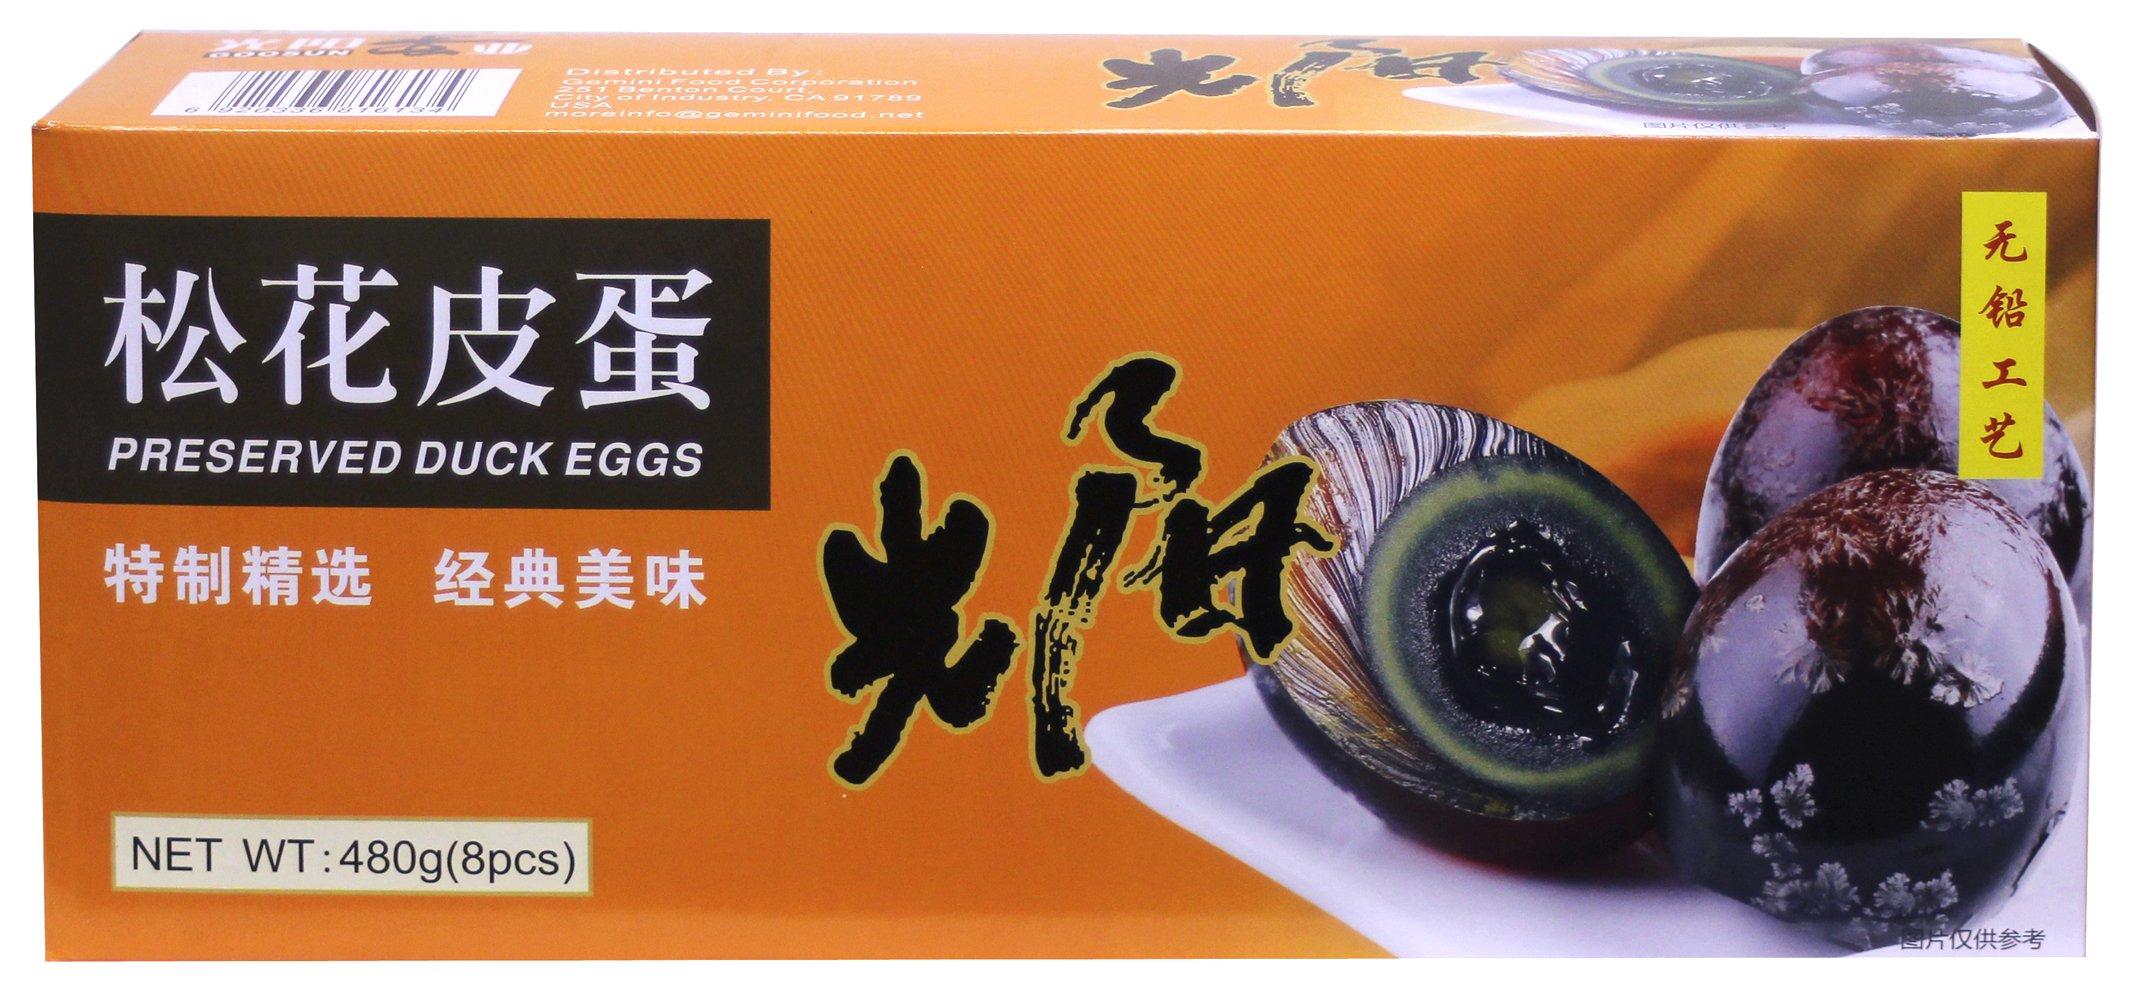 光阳 无铅 松花皮蛋 preserved Duck Eggs (Peedan) (8pcs)